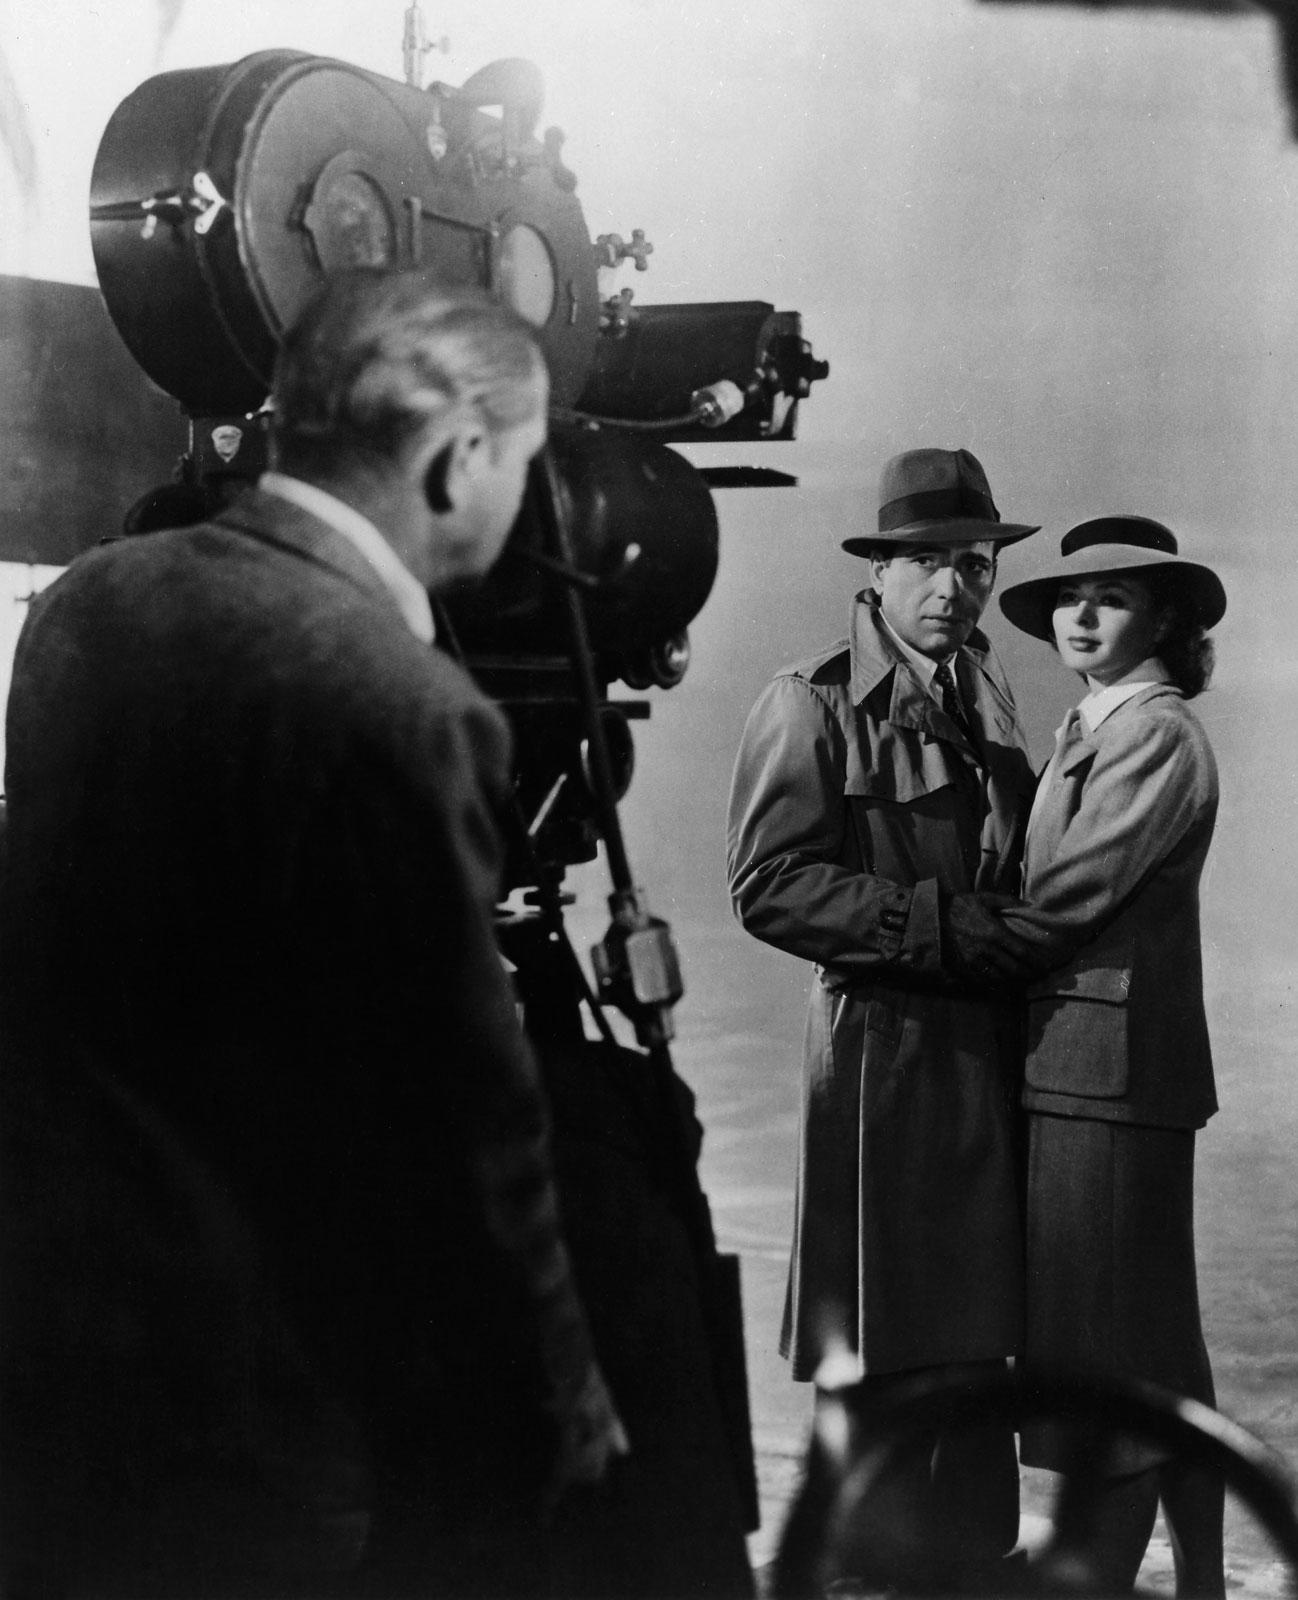 Humphrey Bogart et Ingrid Bergman sur le tournage de Casablanca, réalisé par Michael Curtiz, 1942